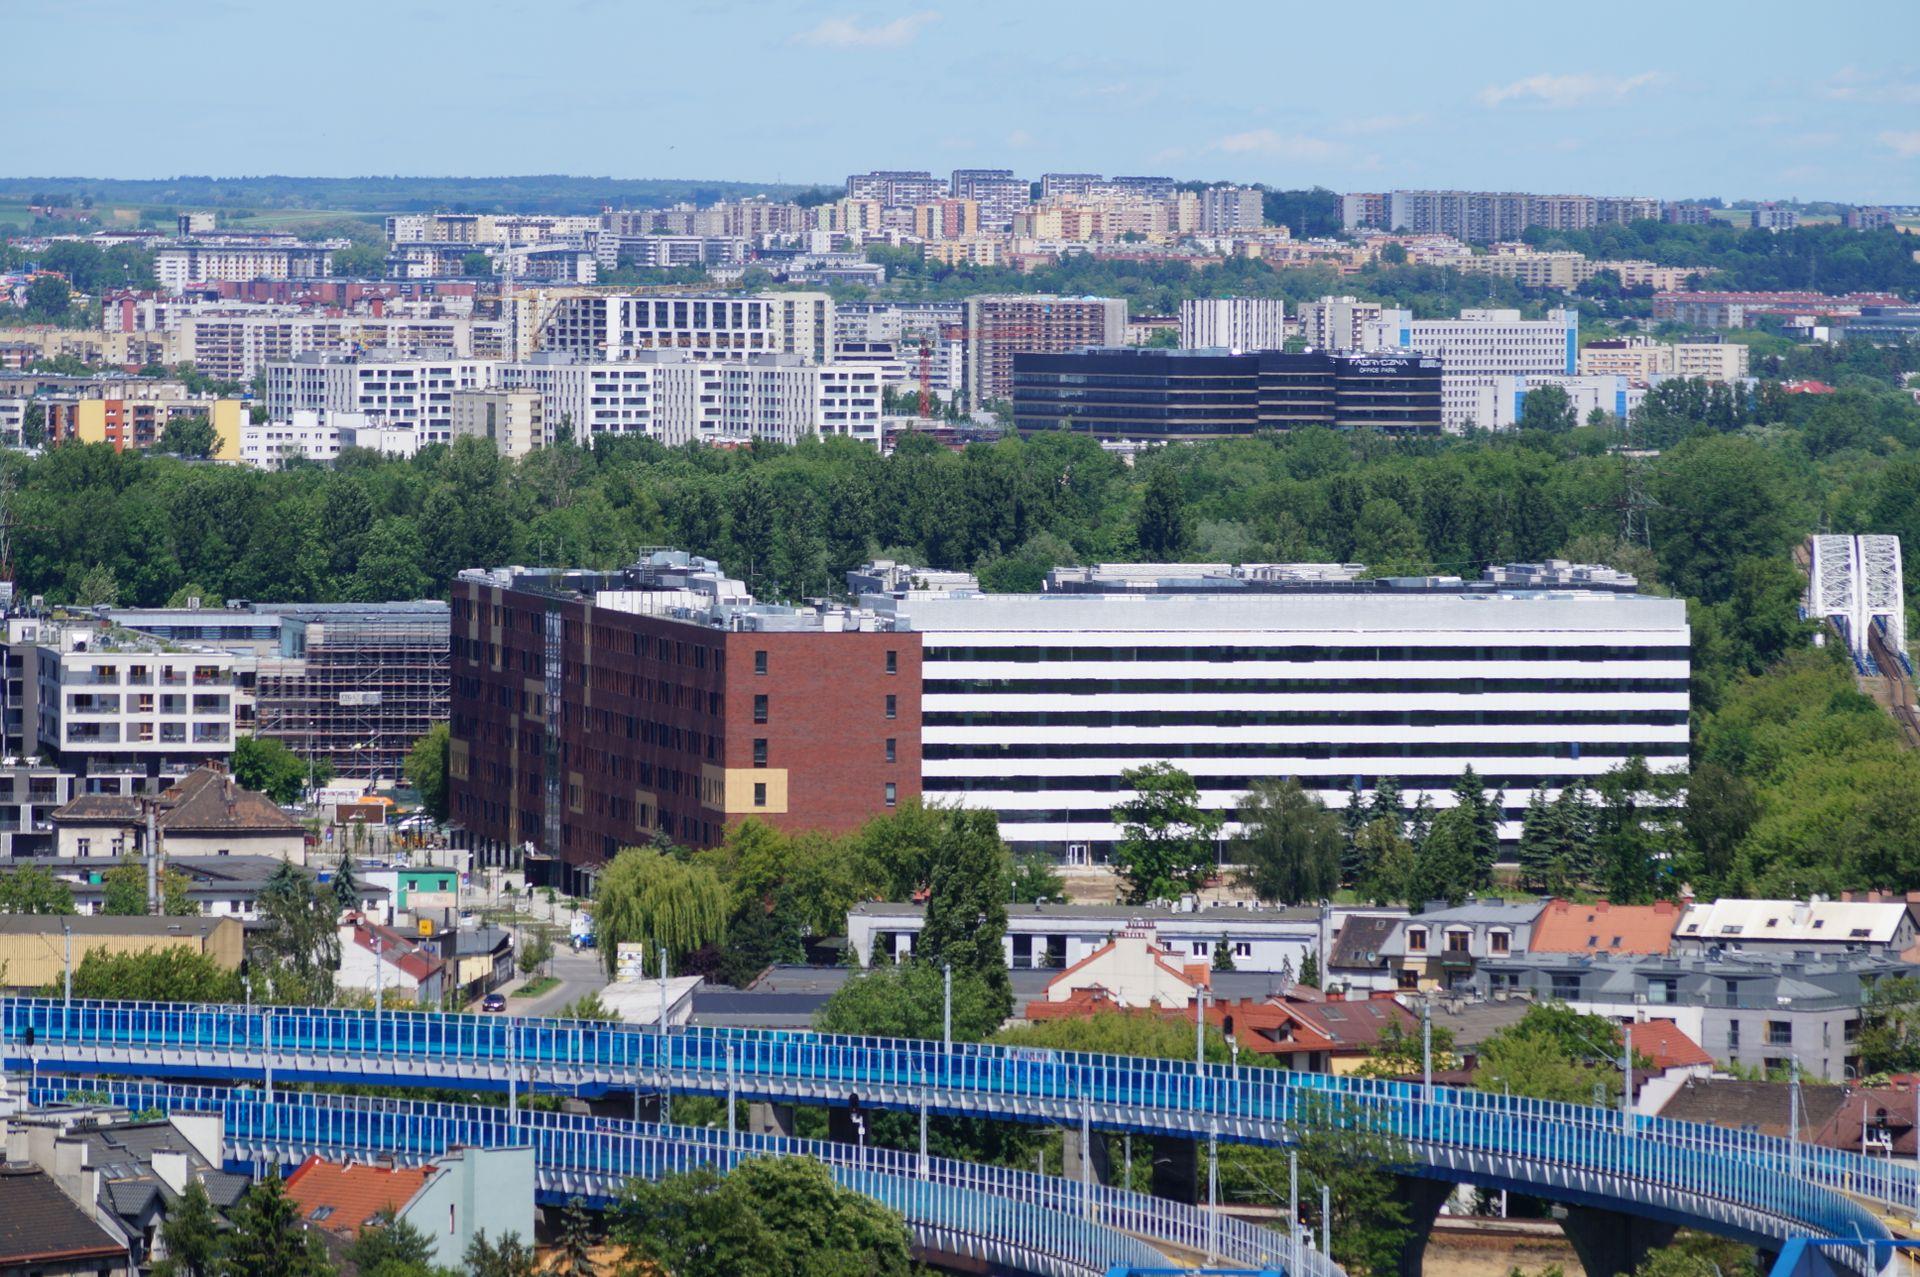 Amerykańska firma otworzyła w Krakowie globalne centrum usług wspólnych